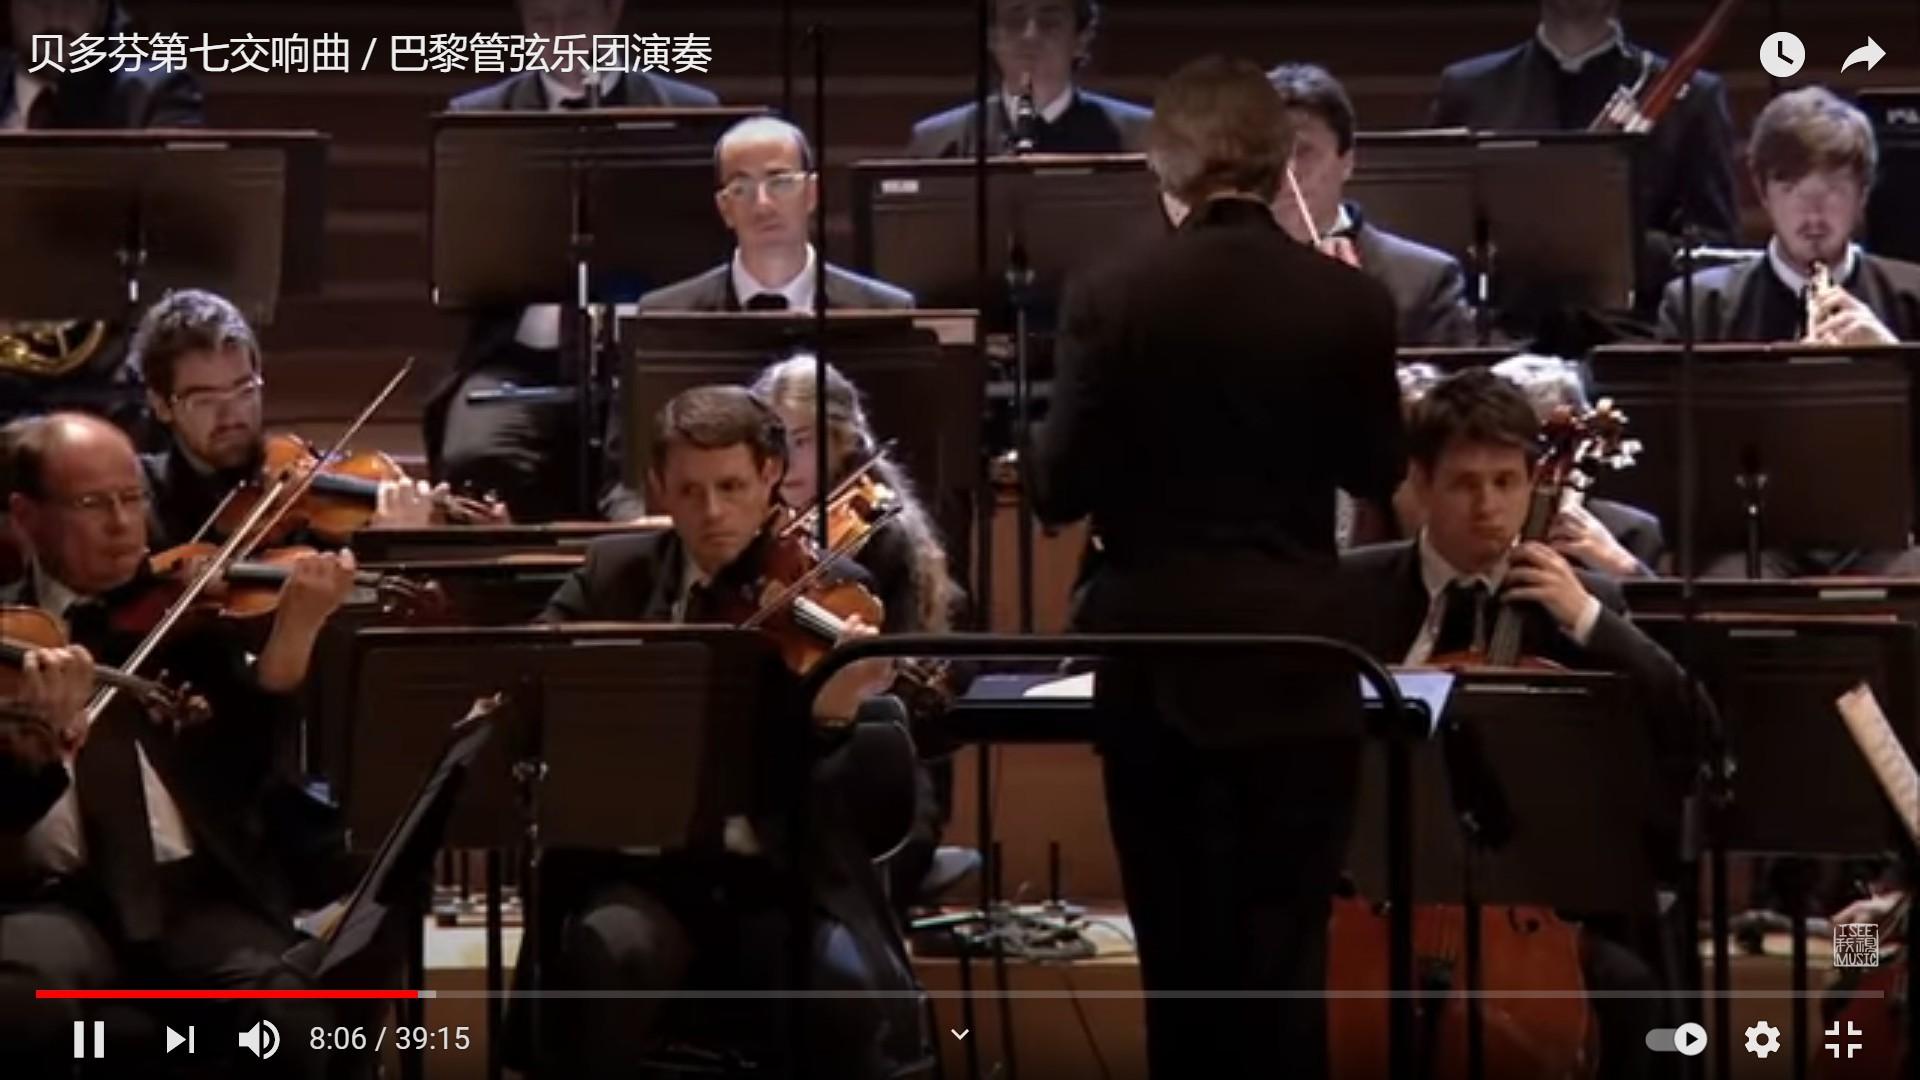 欣赏管弦乐团演奏